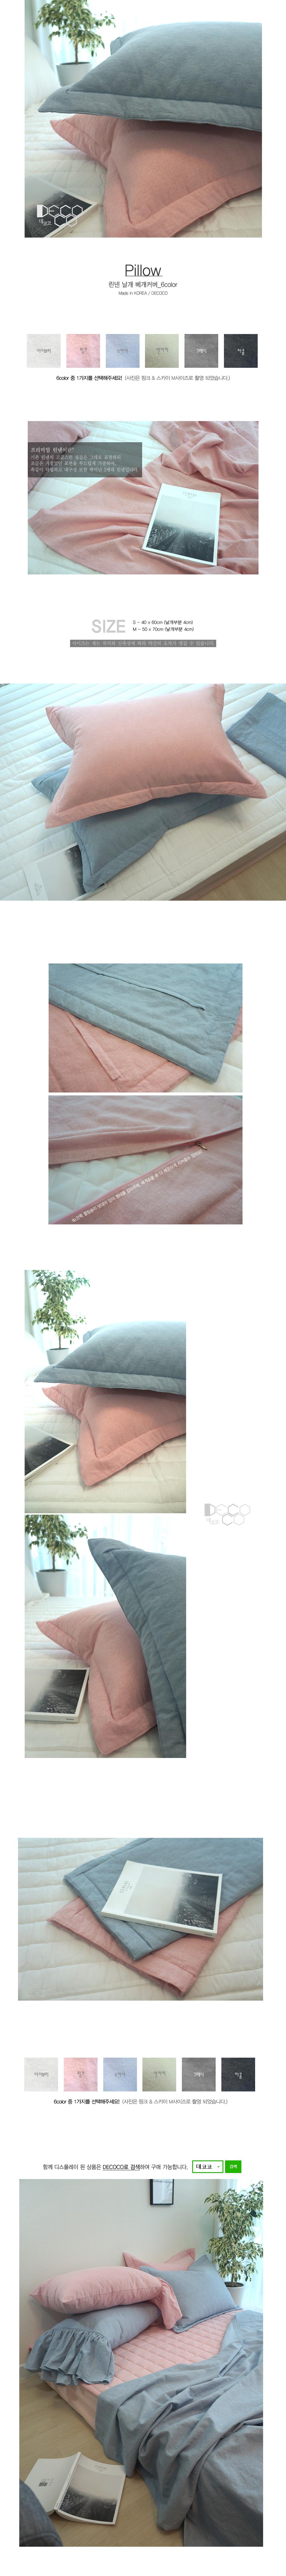 린넨 날개 베개 -6color - 데코코, 32,000원, 베개, 일반 베개